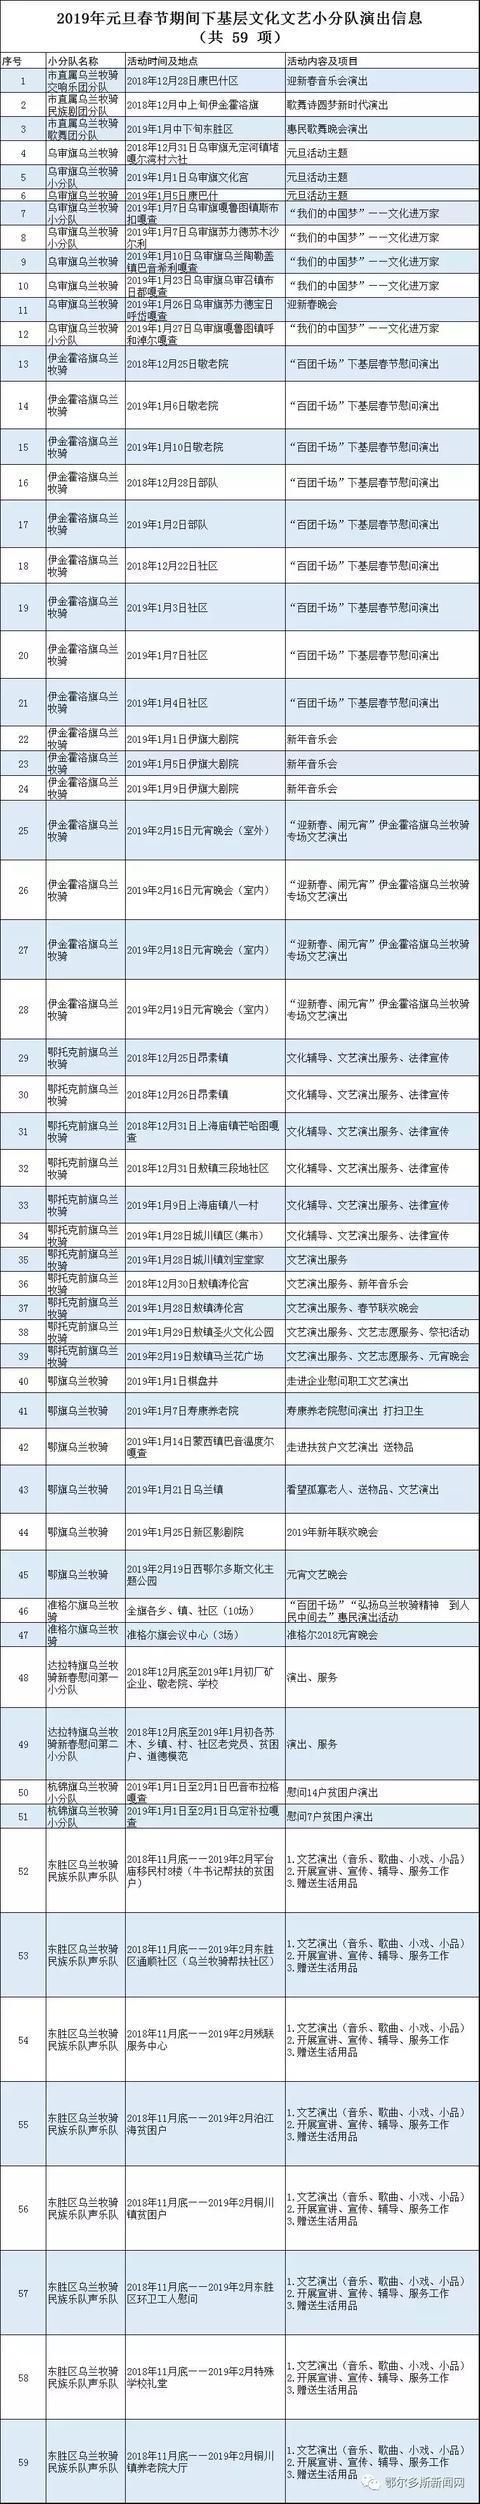 2019年元旦春节期间 下基层文化文艺小分队 演出信息表 ▼▼▼ 下